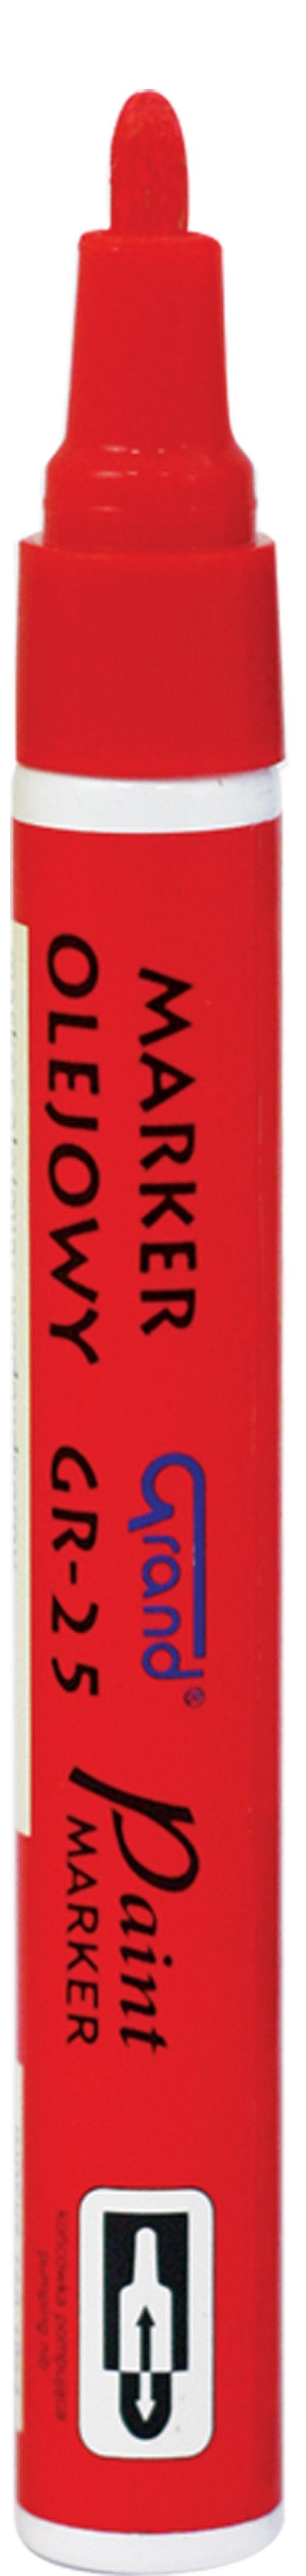 Marker olejowy GR-25 Grand czerwony